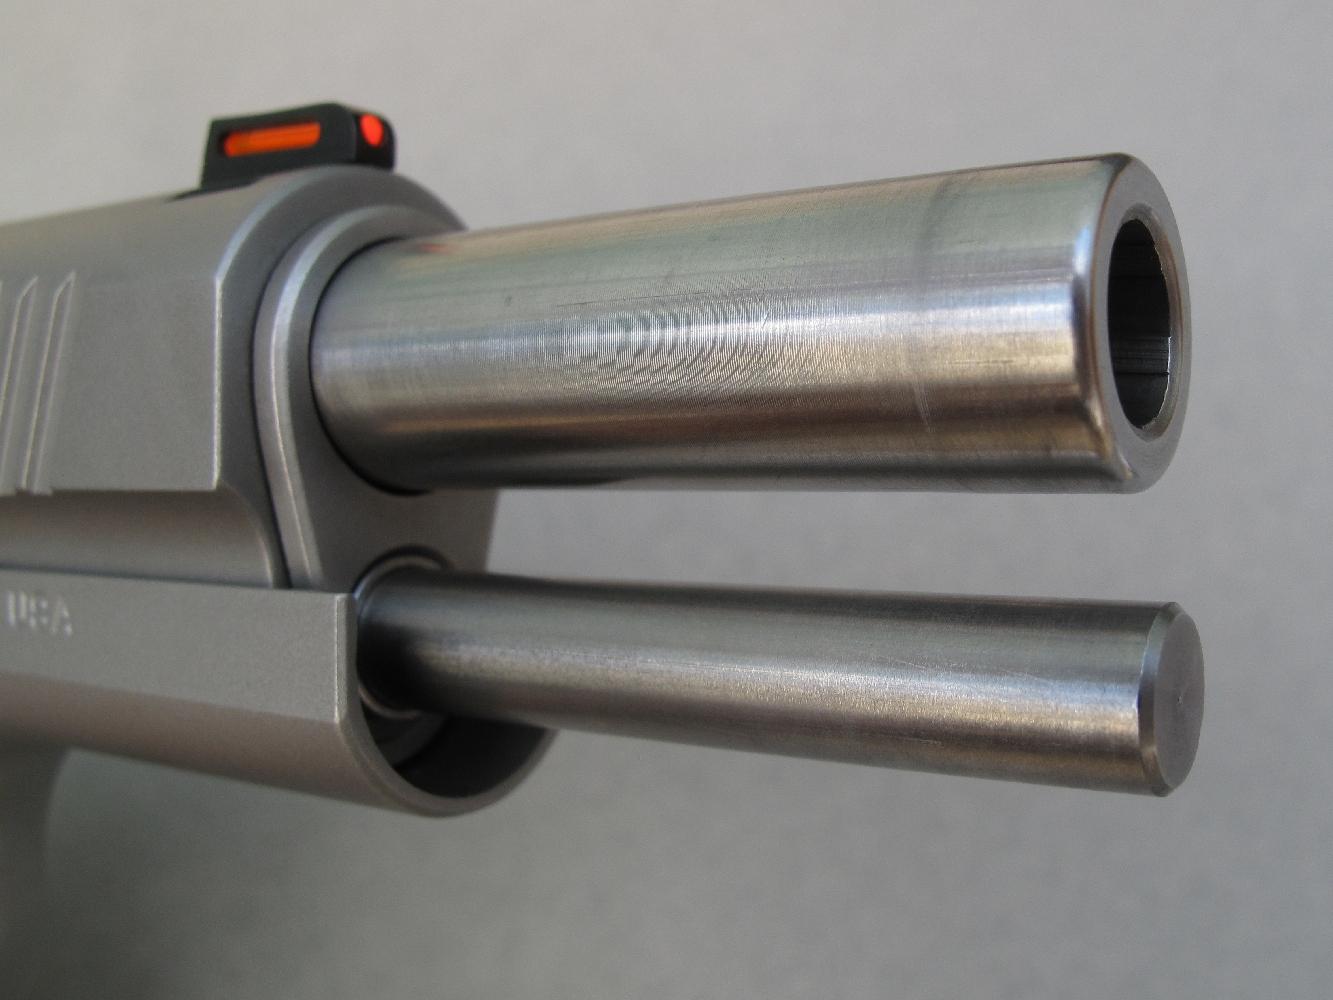 Cette vue de l'arme culasse ouverte permet de constater la présence d'une tige-guide allongée, usinée en acier massif.